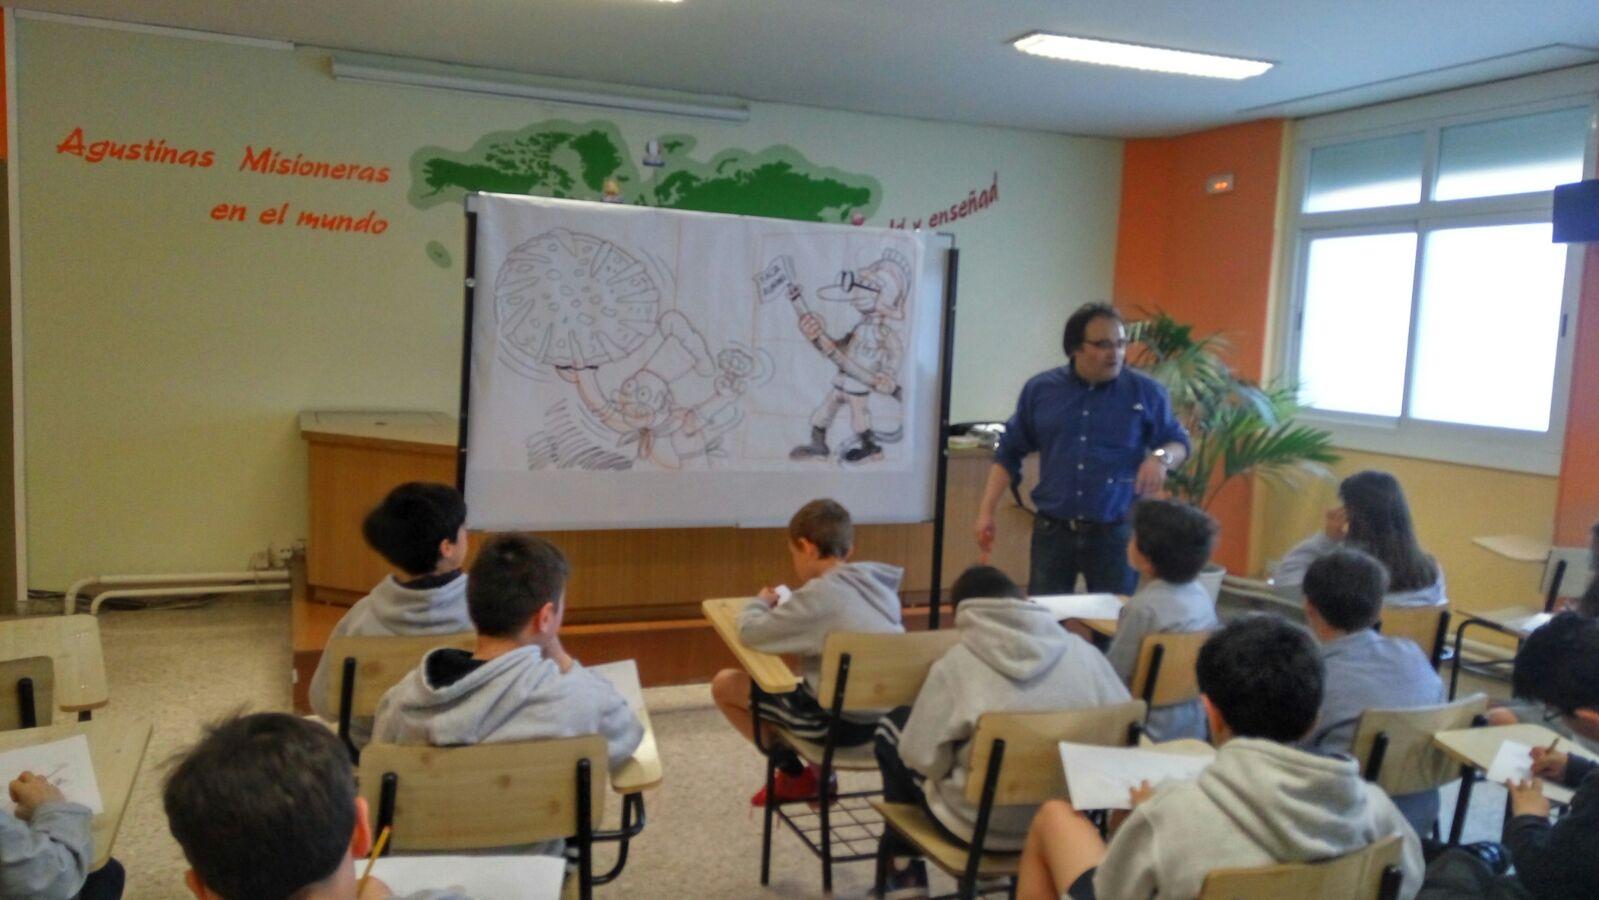 Agustinas Valladolid - 2017 - Primaria 4 6 - Visita Ilustrador